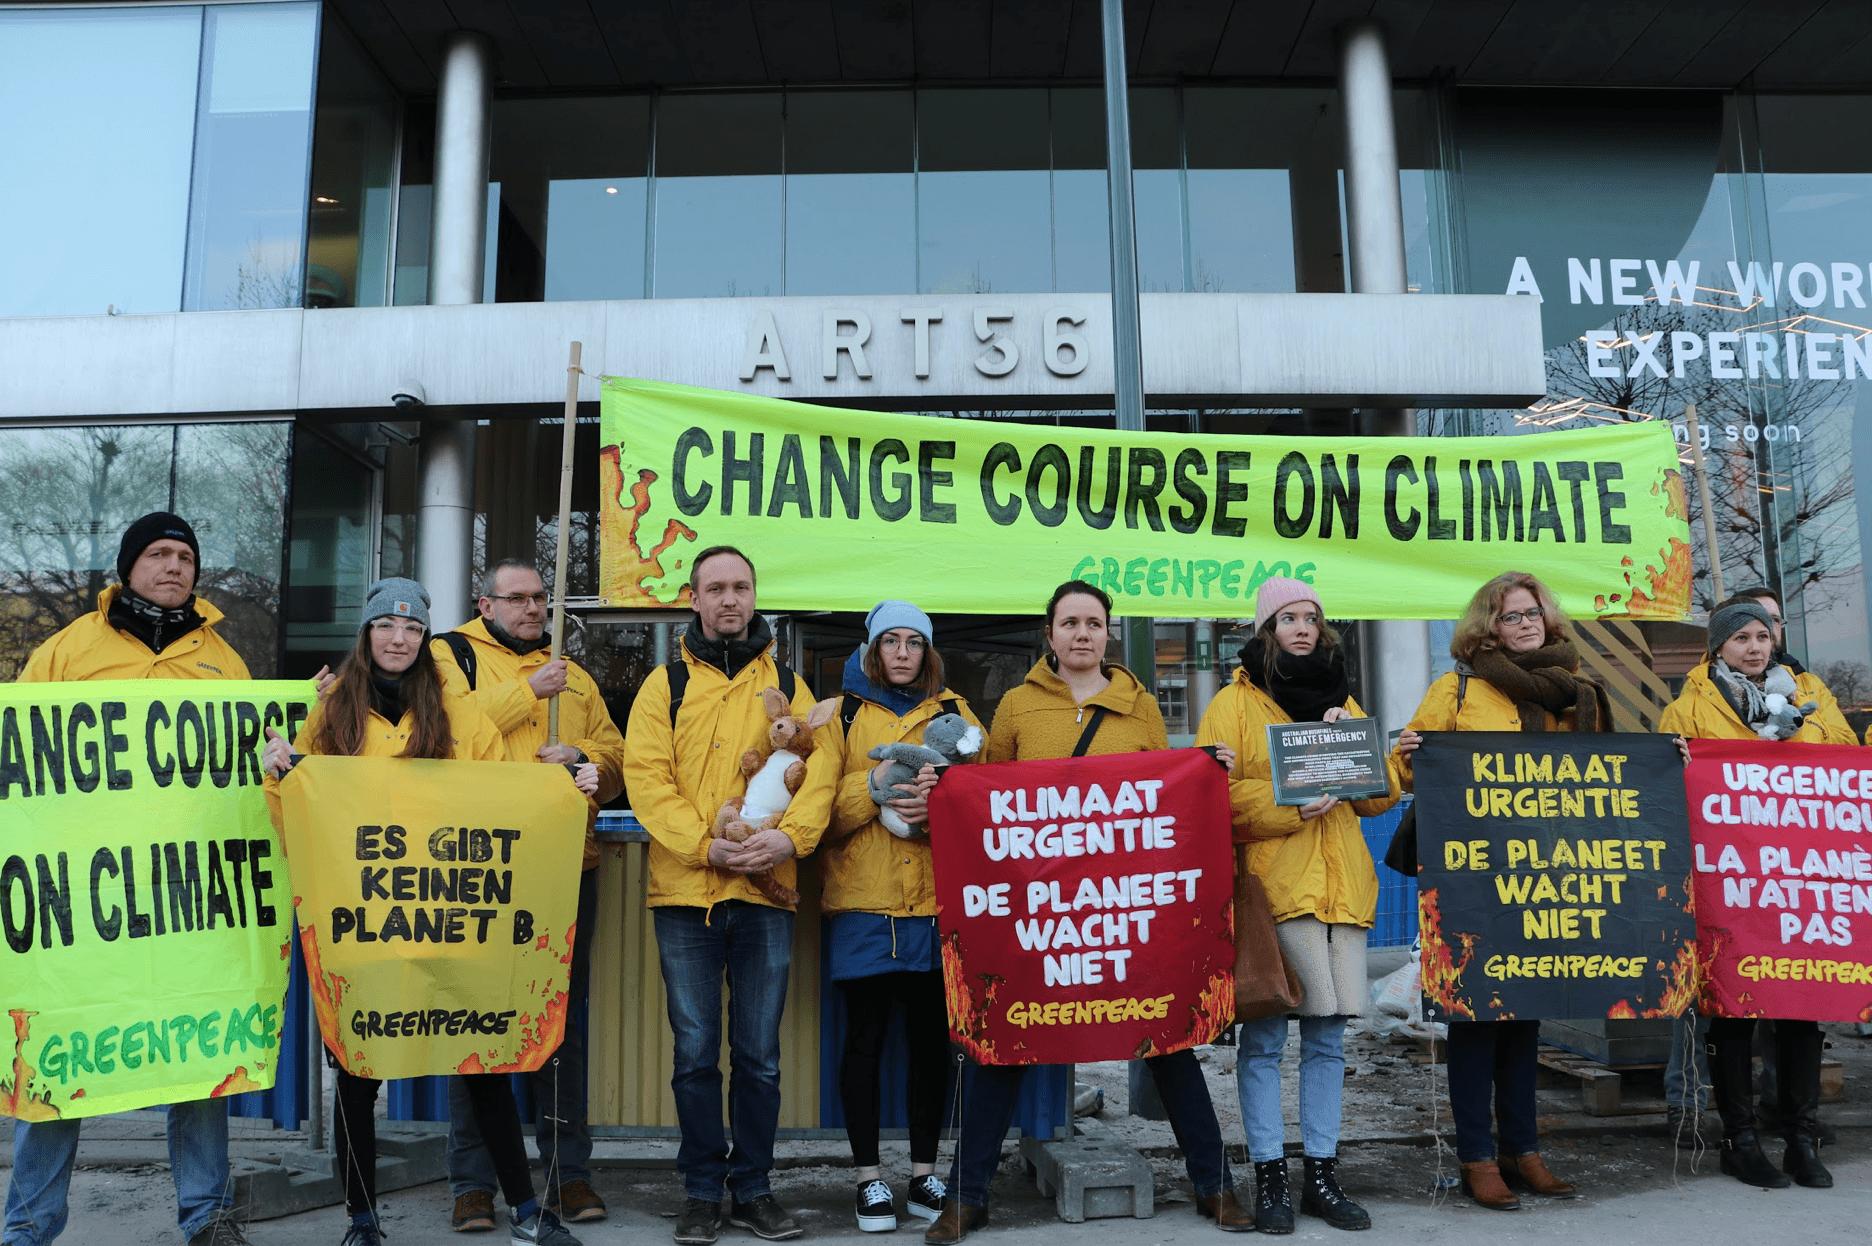 Vreedzaam protest voor de Australische ambassade in Brussel.